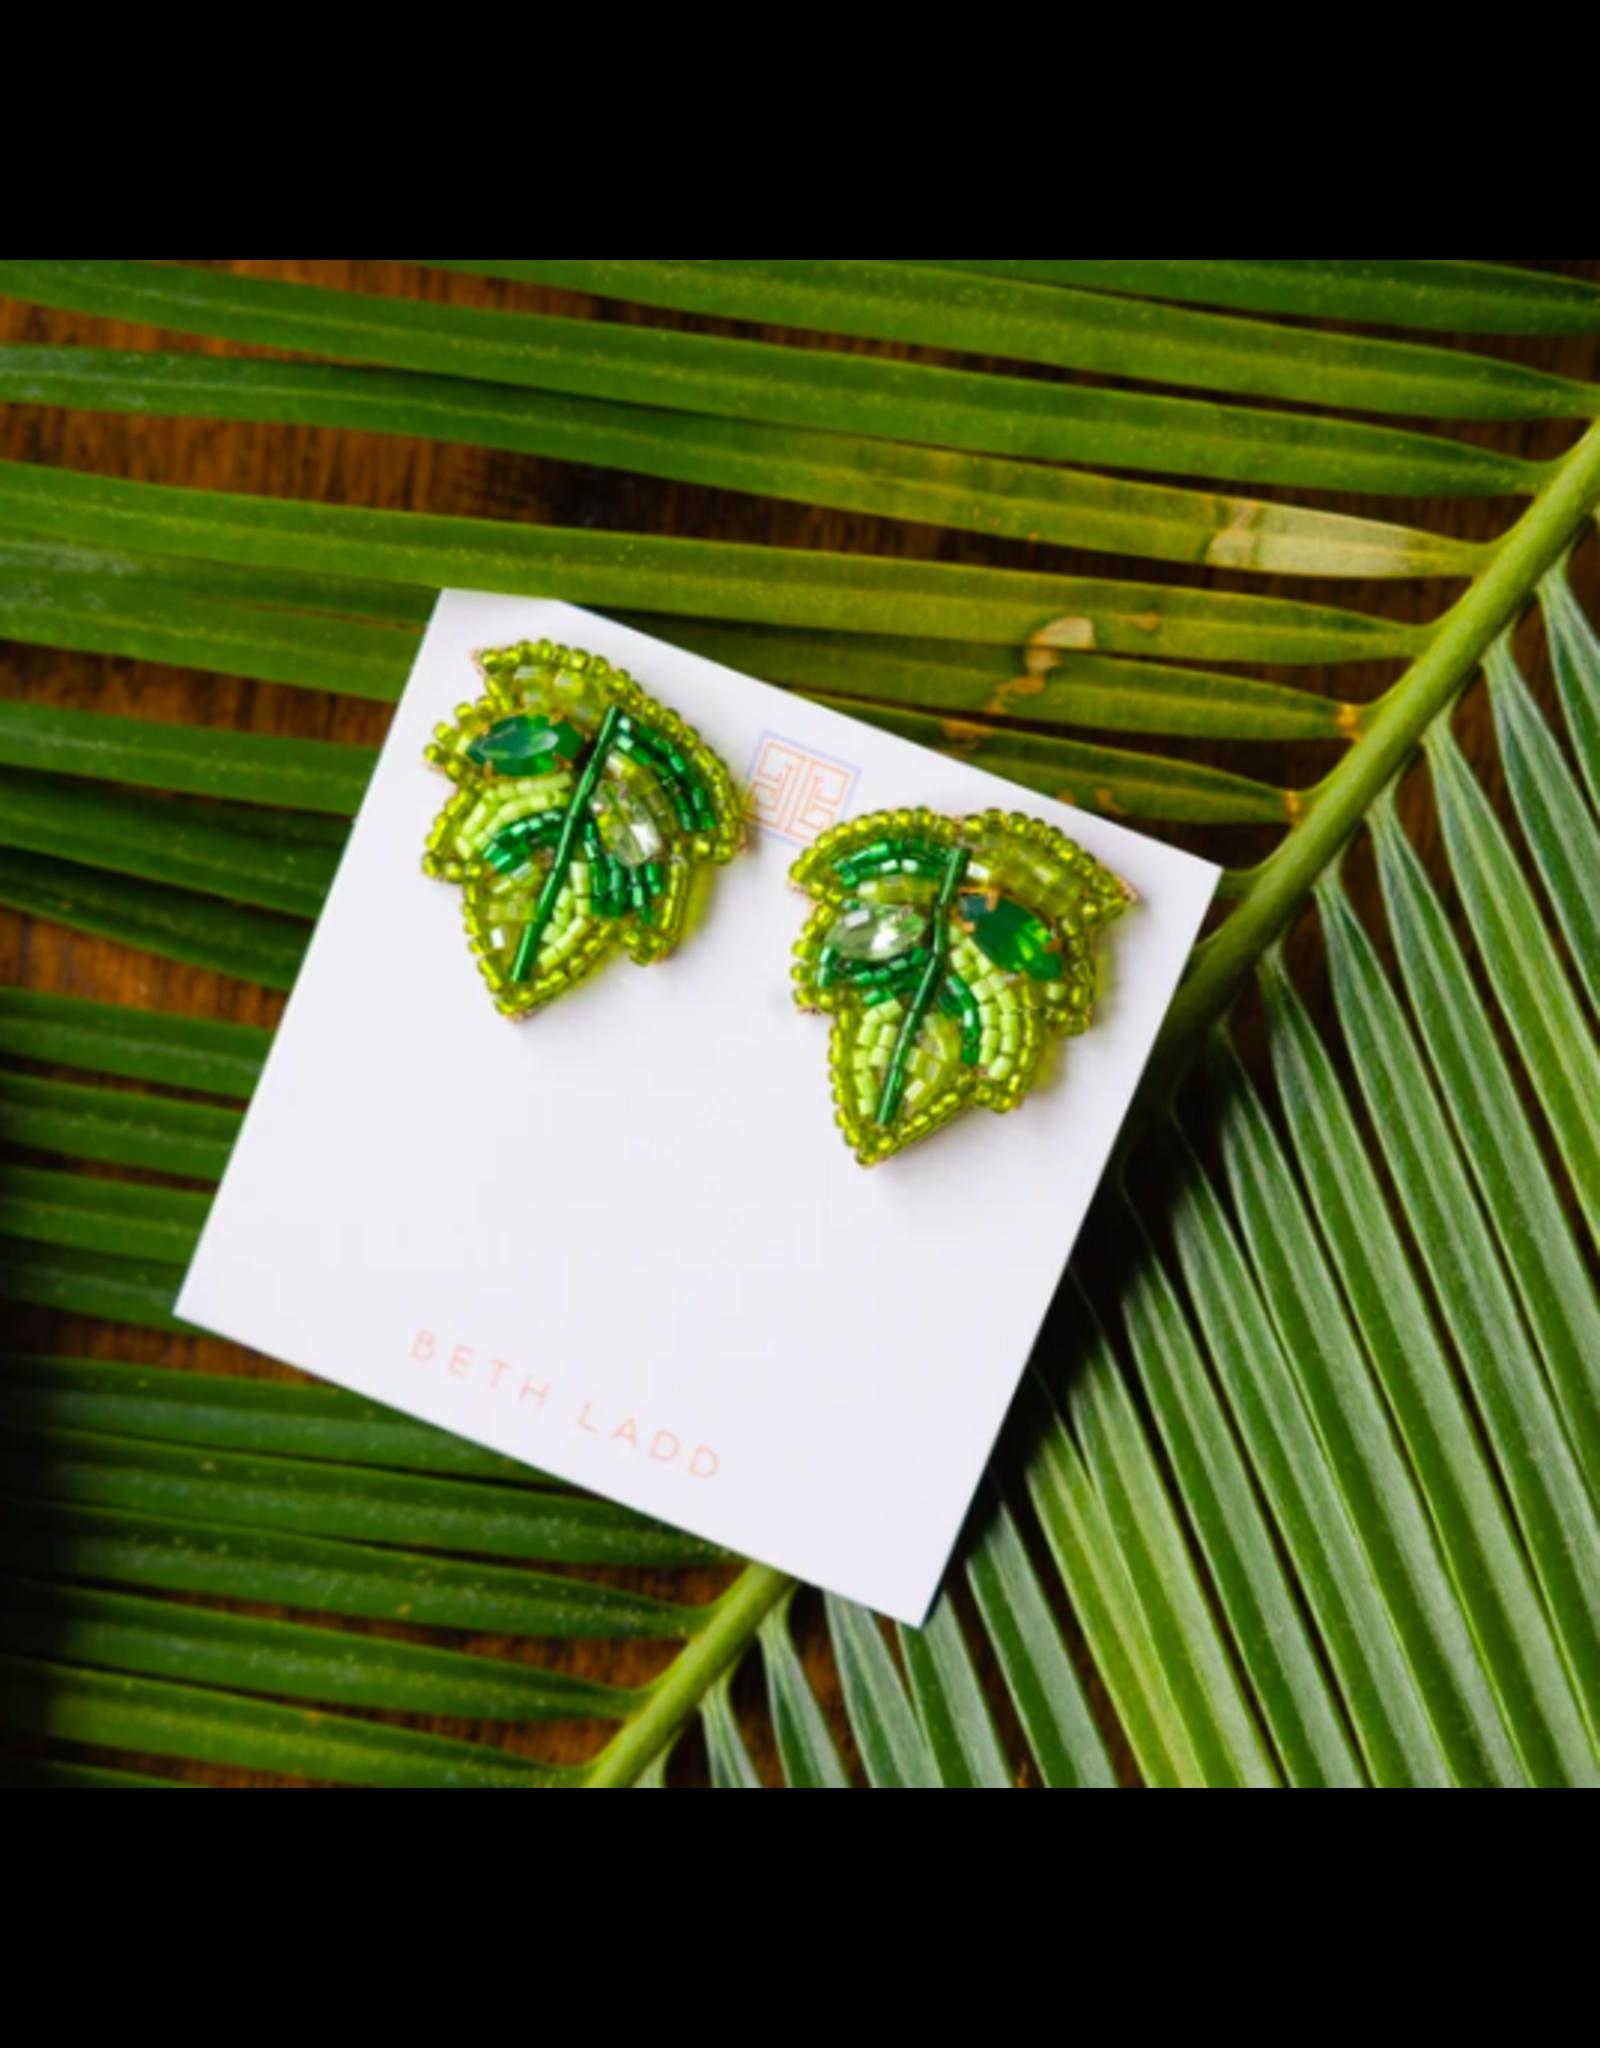 Beth Ladd Collection Palm Leaf Mini Studs by Beth Ladd